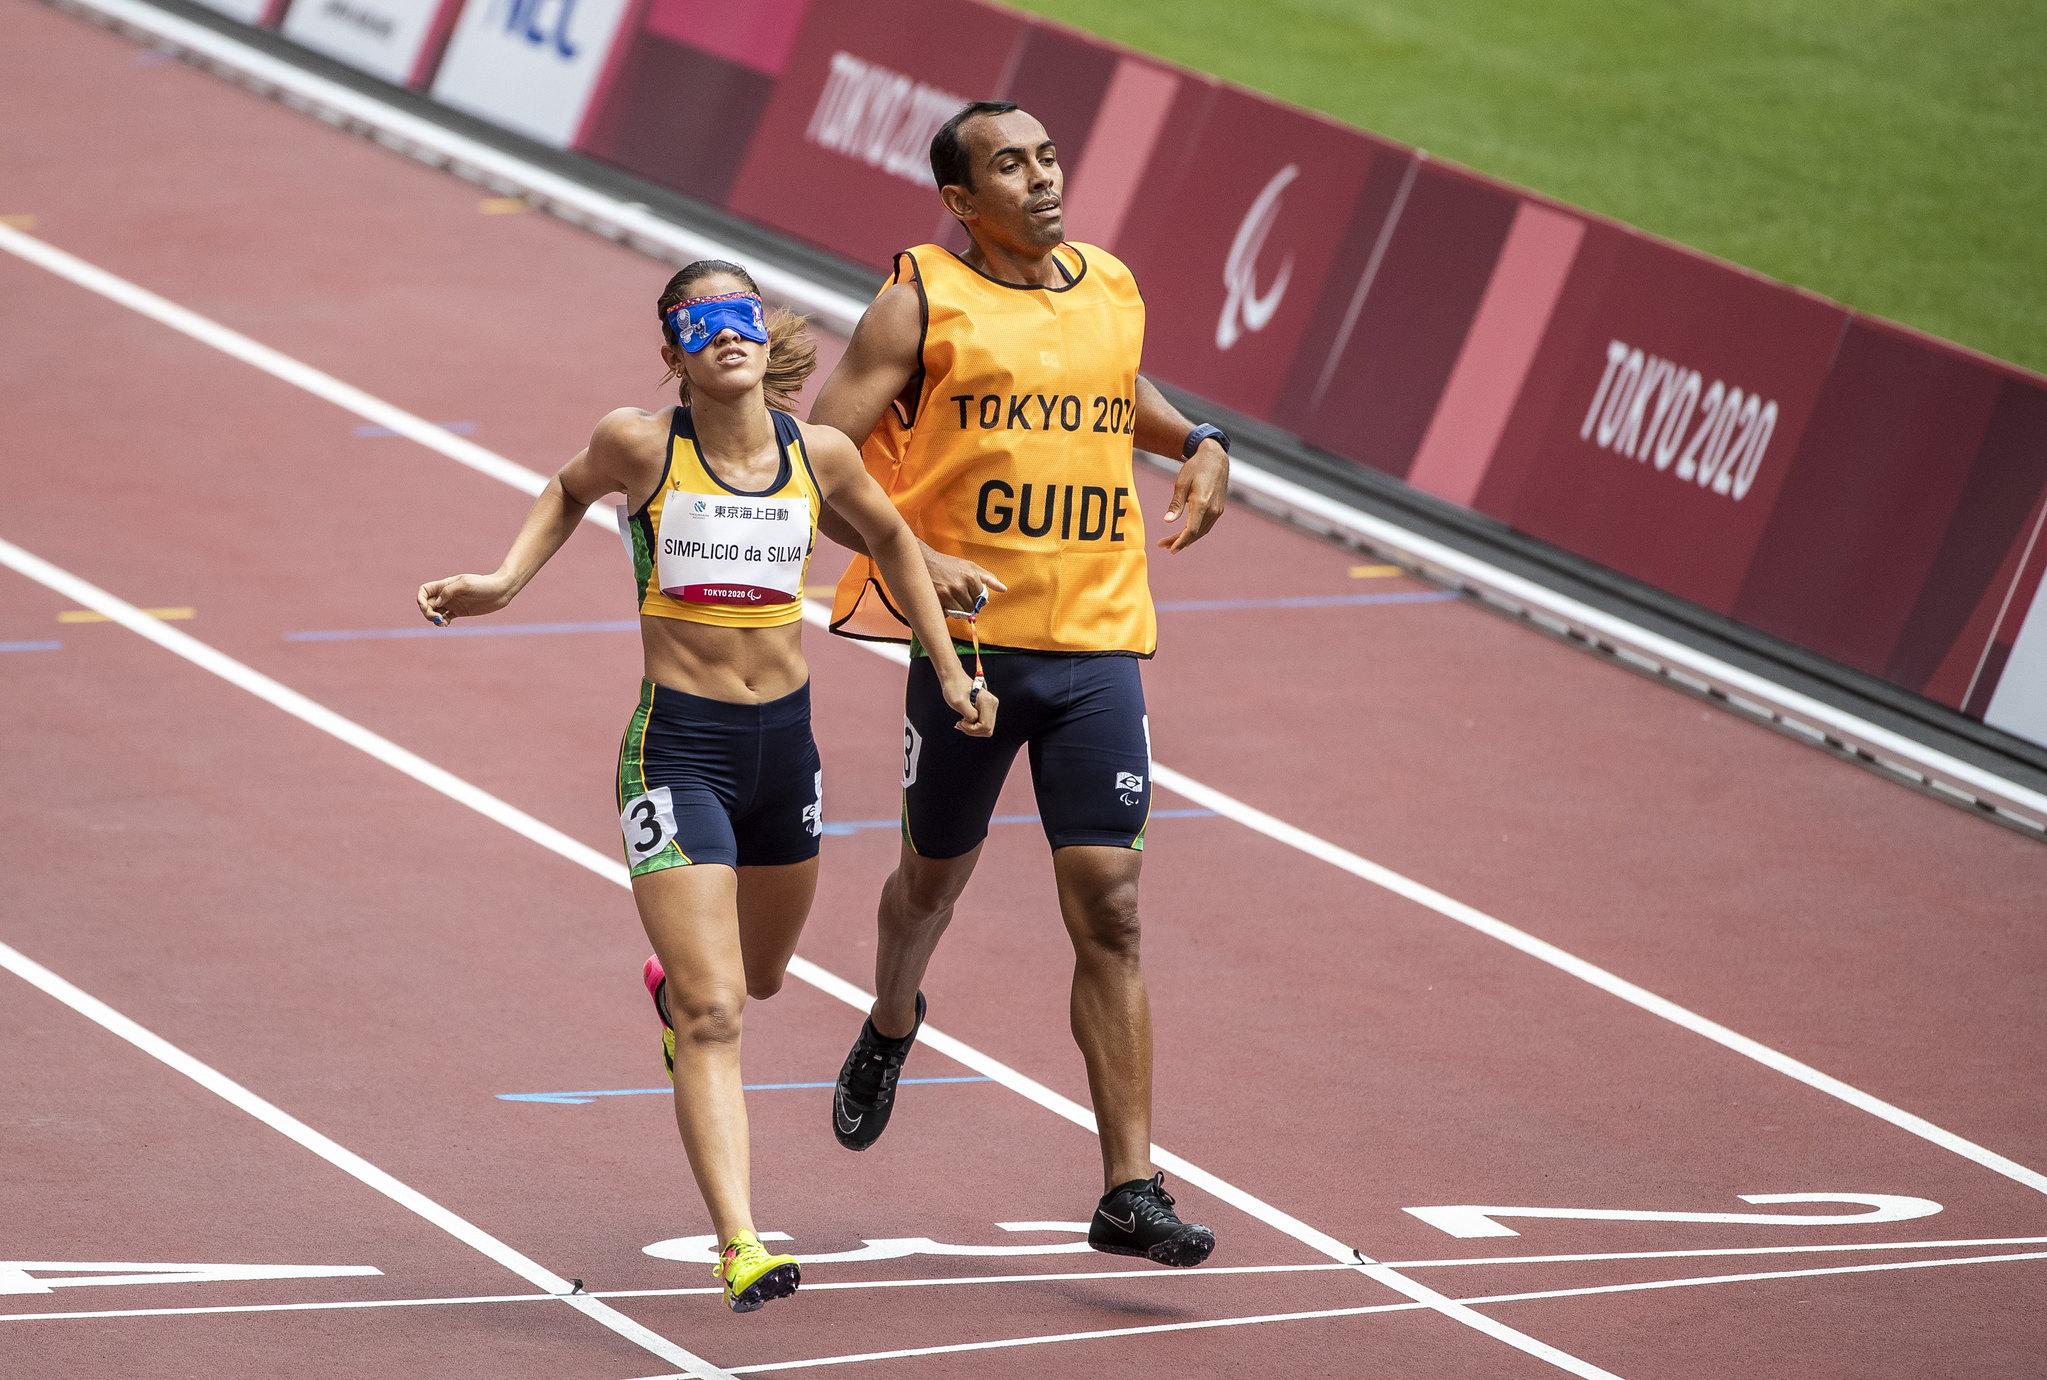 De shorts preto e camisa amarela, Talita Simplício e o guia Felipe Caetano cruzam a linha de chegada